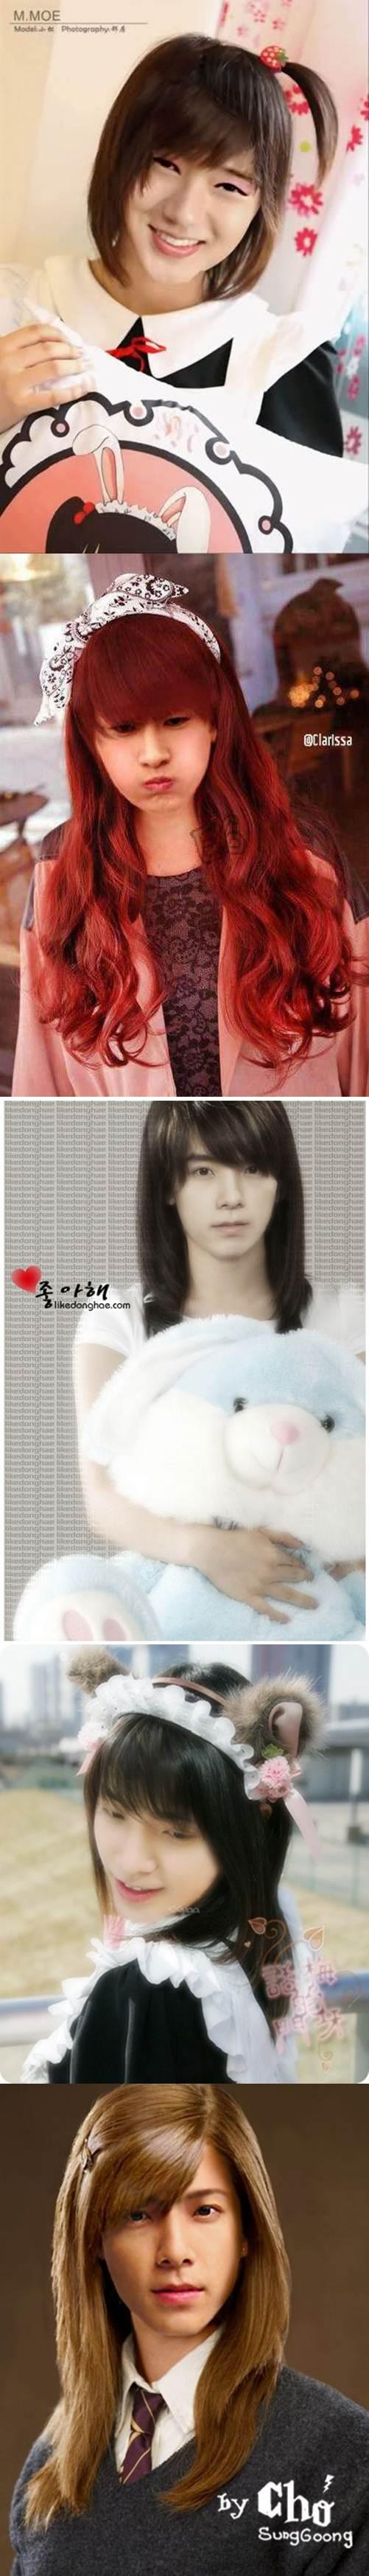 Super Junior Eum 2nd Crazy Sujuyongwonhie